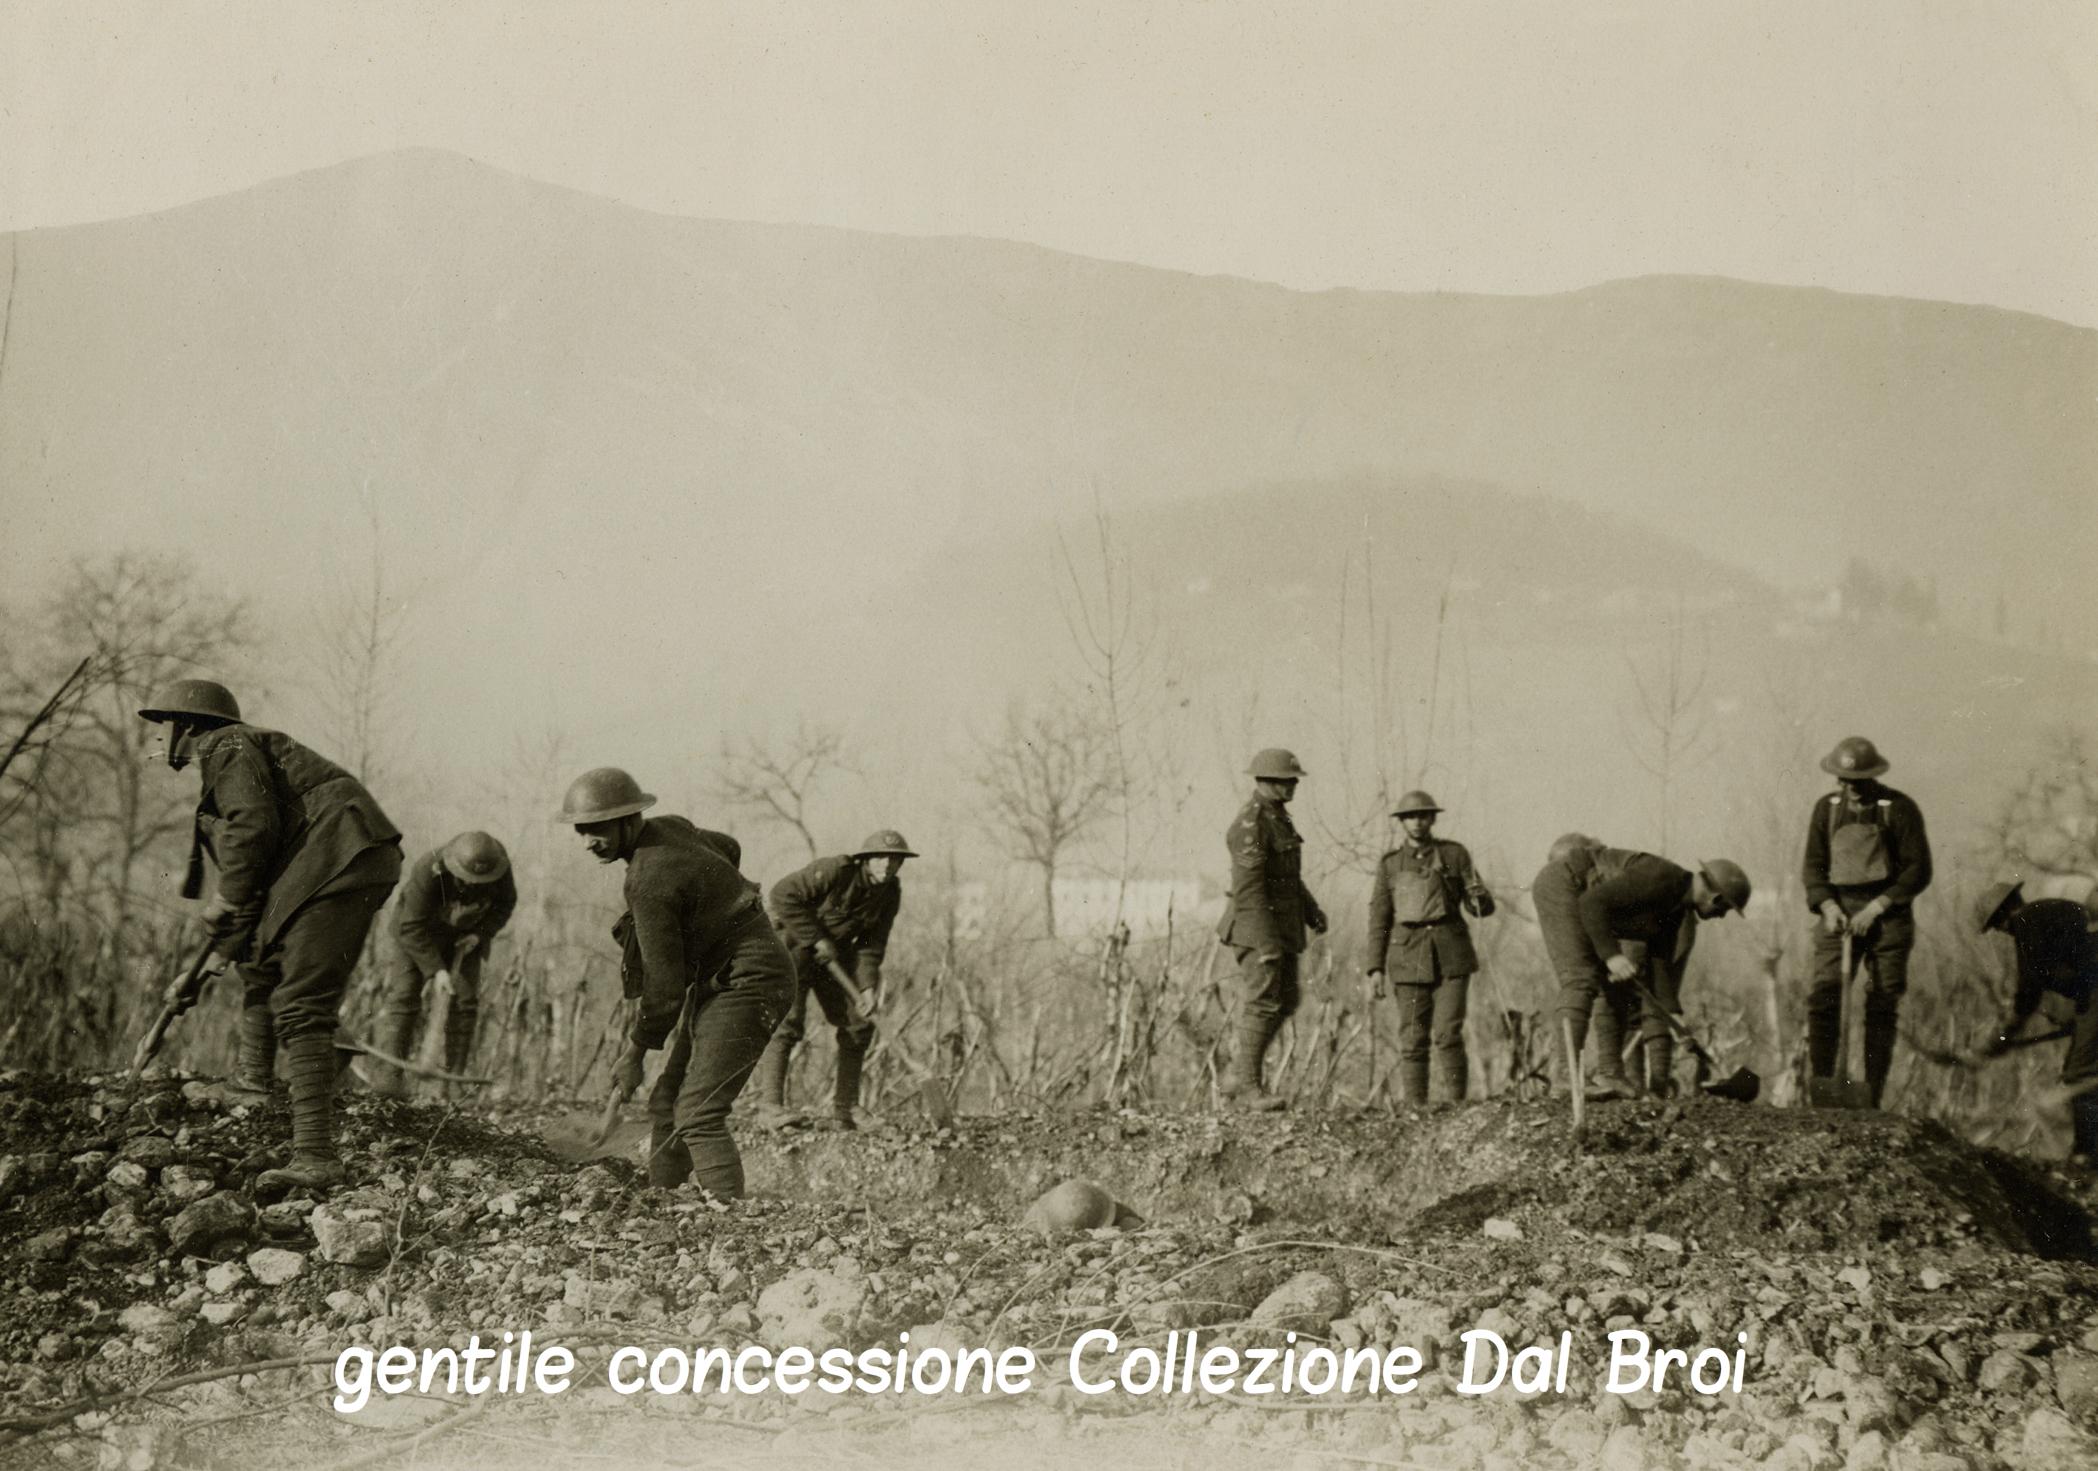 07 - soldatri inglesi che scavano tricee nella pedemontana asolana (ASDM - Coll dal broi) (c).jpg